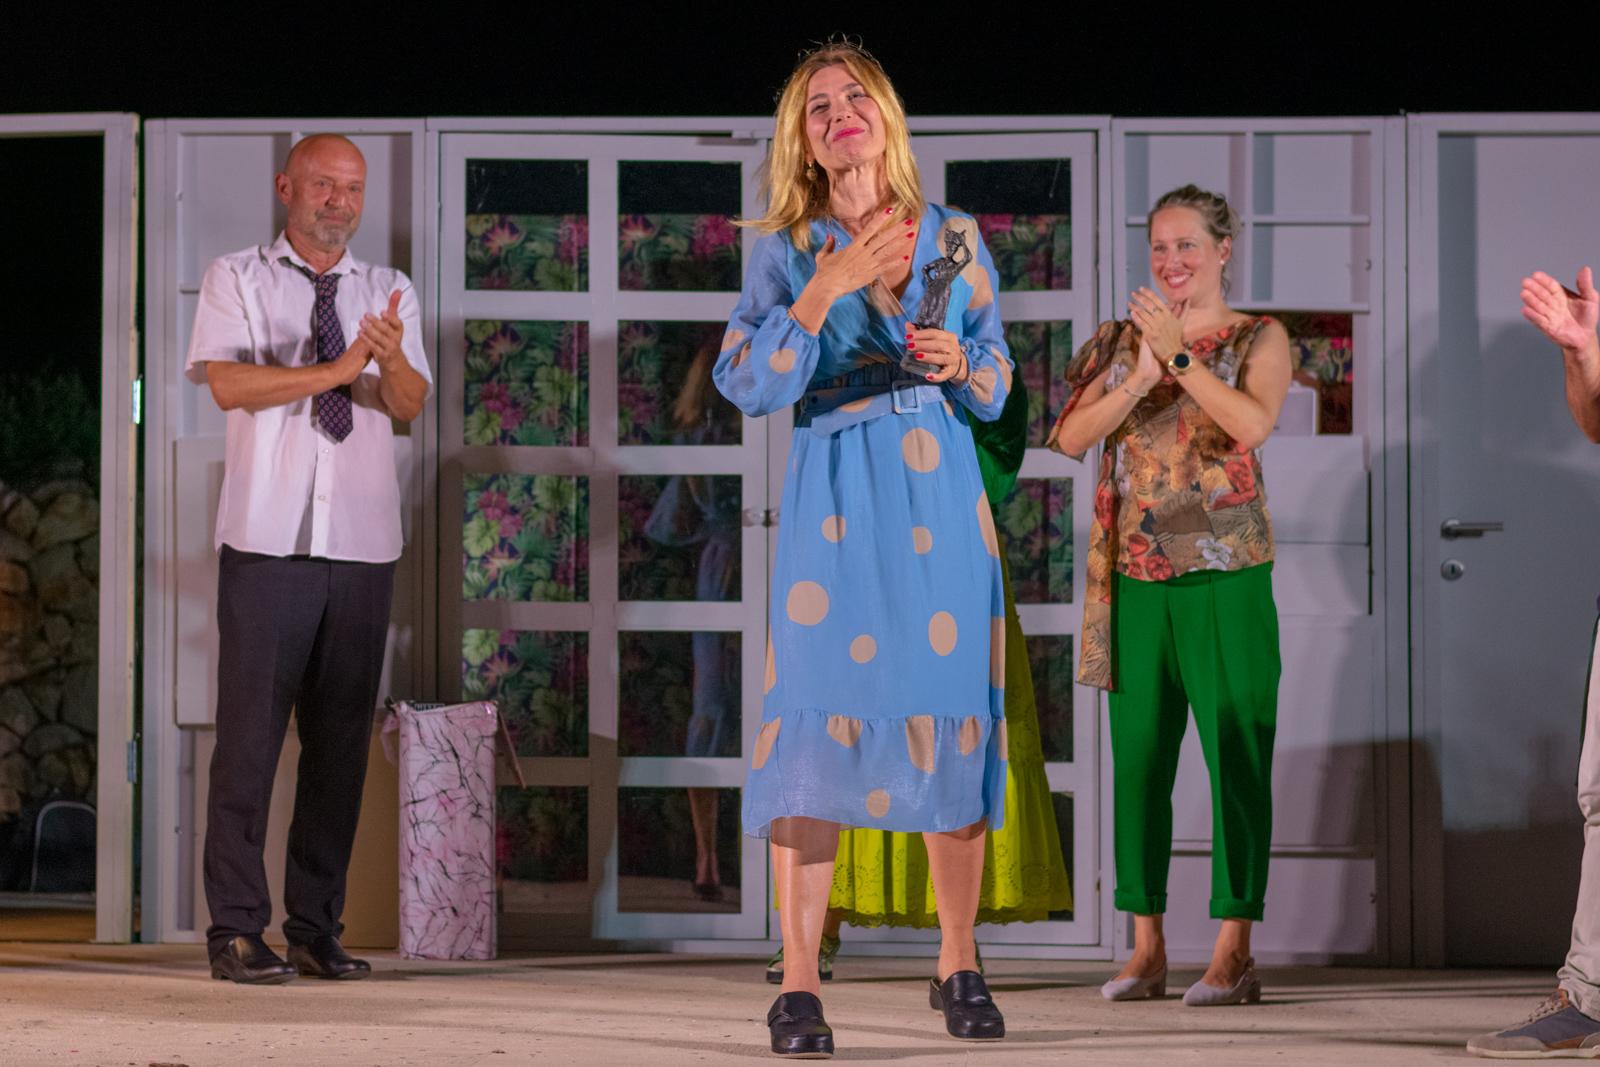 Ecija Ojdanić na kazališnom festivalu 'Novaljski trijatar' dobila nagradu 'Kate Novaljka' za glumicu ili glumca čija je izvedba uloge ostala u najboljem sjećanju od prošlog ljeta